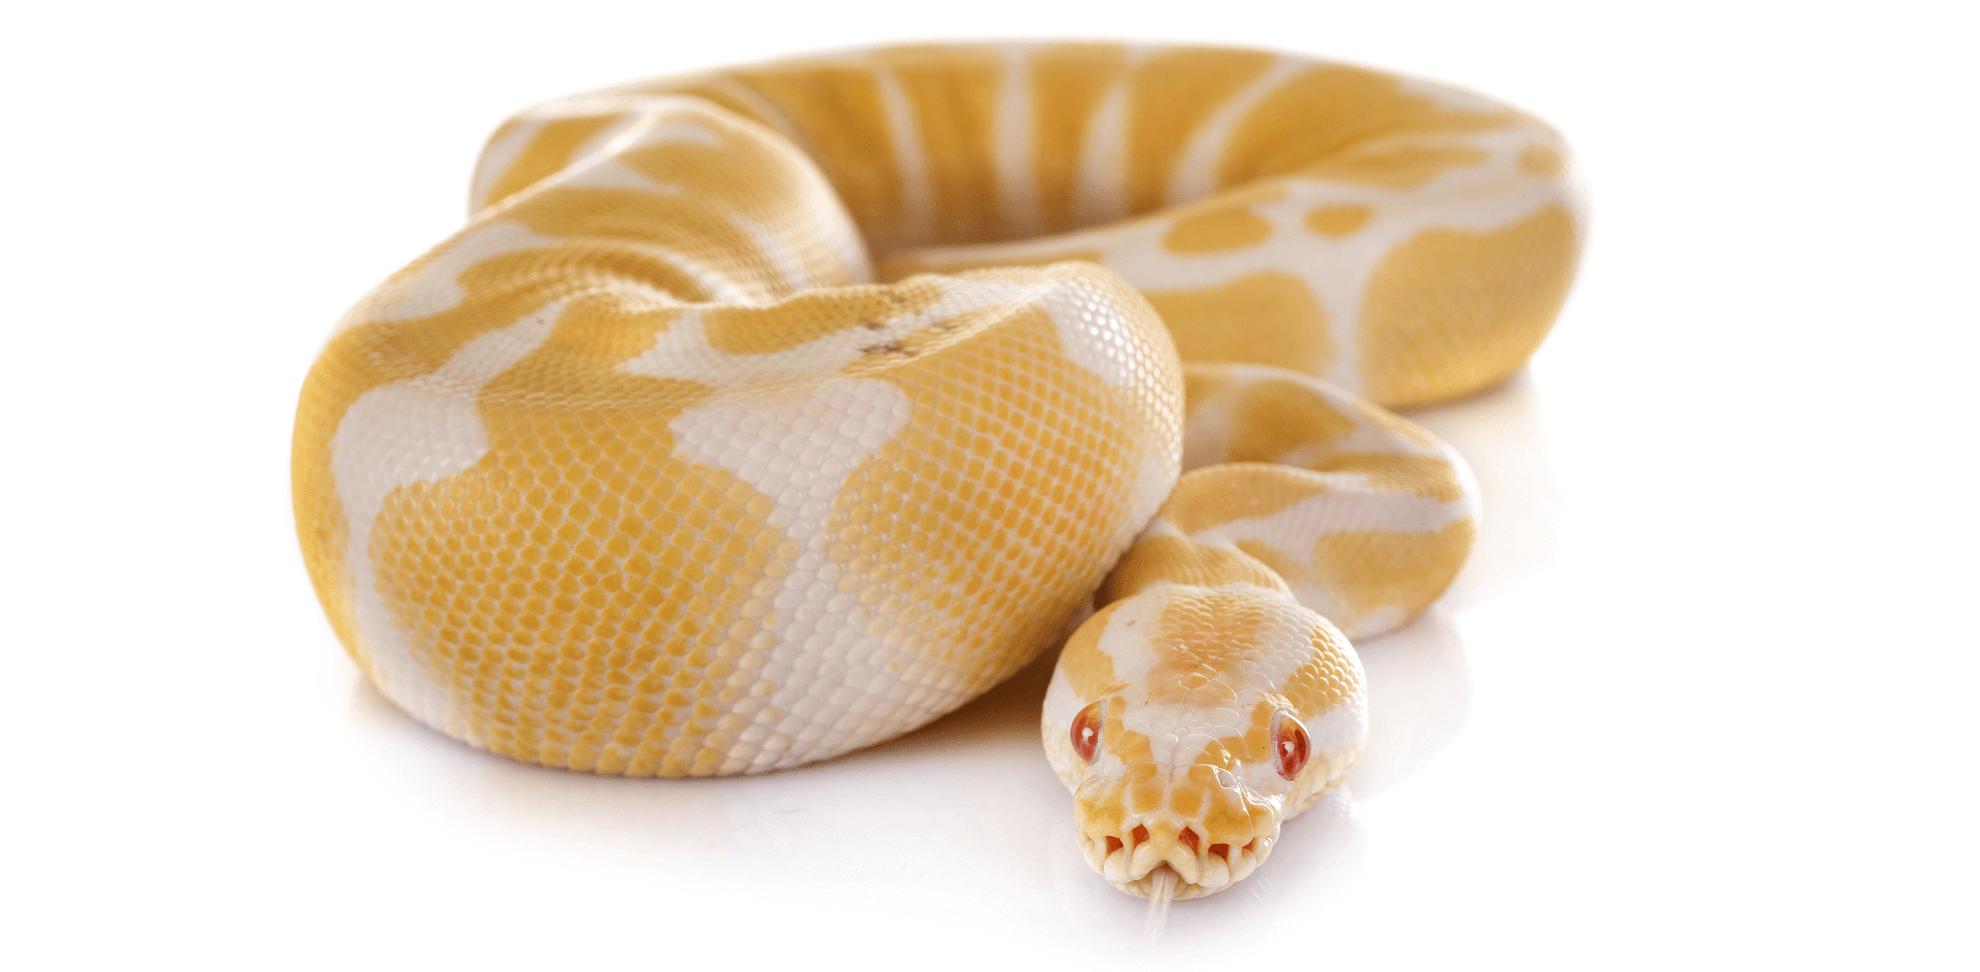 Ai serpenti piace essere animali domestici?